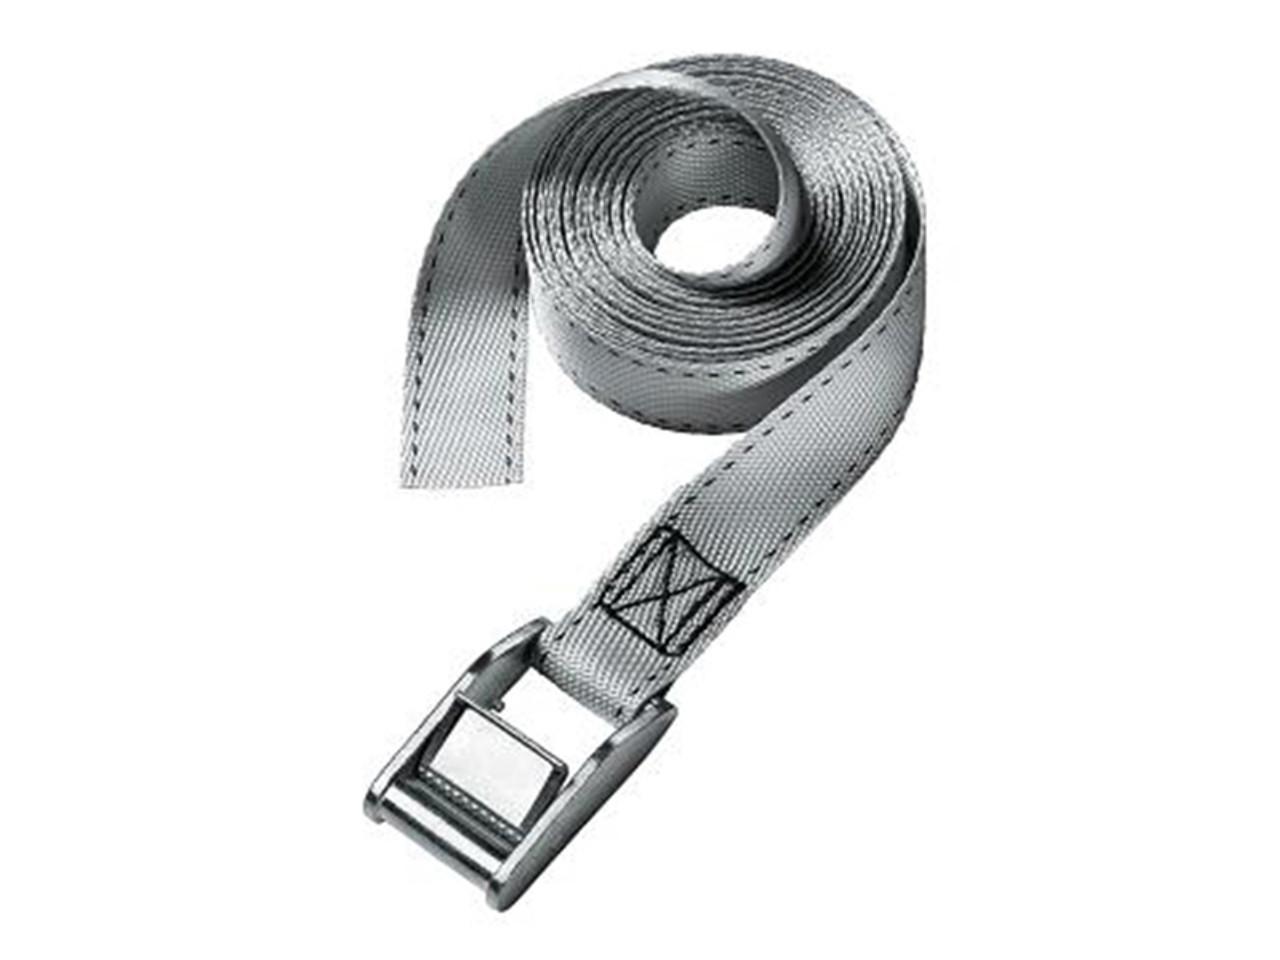 Master Lock Ratchet Strap 3m Blu 4 Piece MLK3156